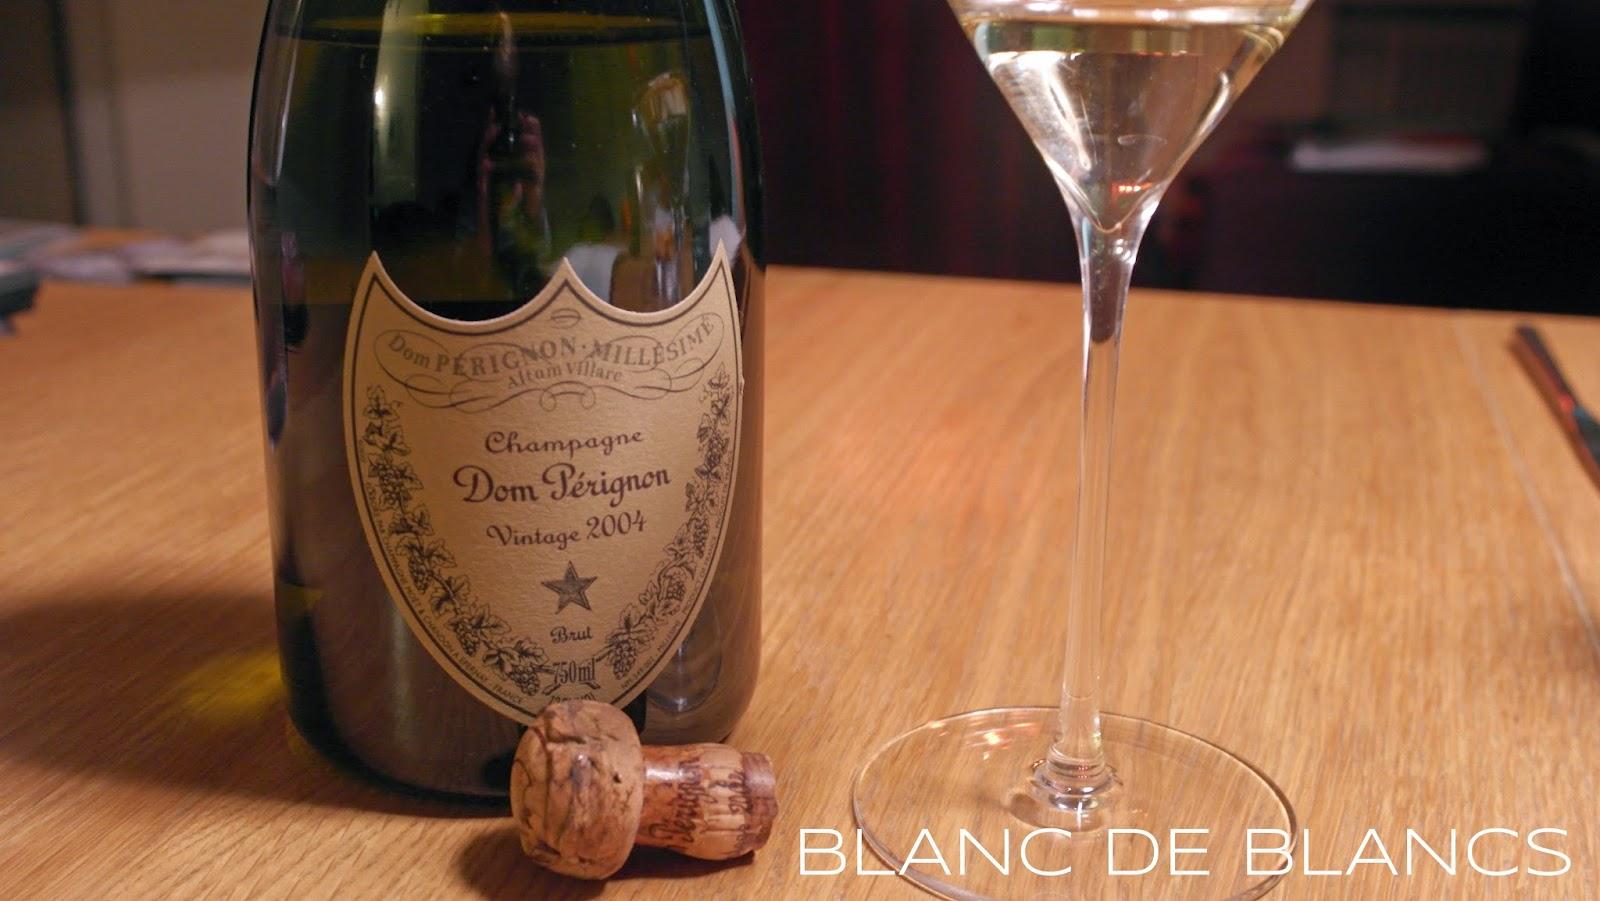 Dom Pérignon 2004 - www.blancdeblancs.fi